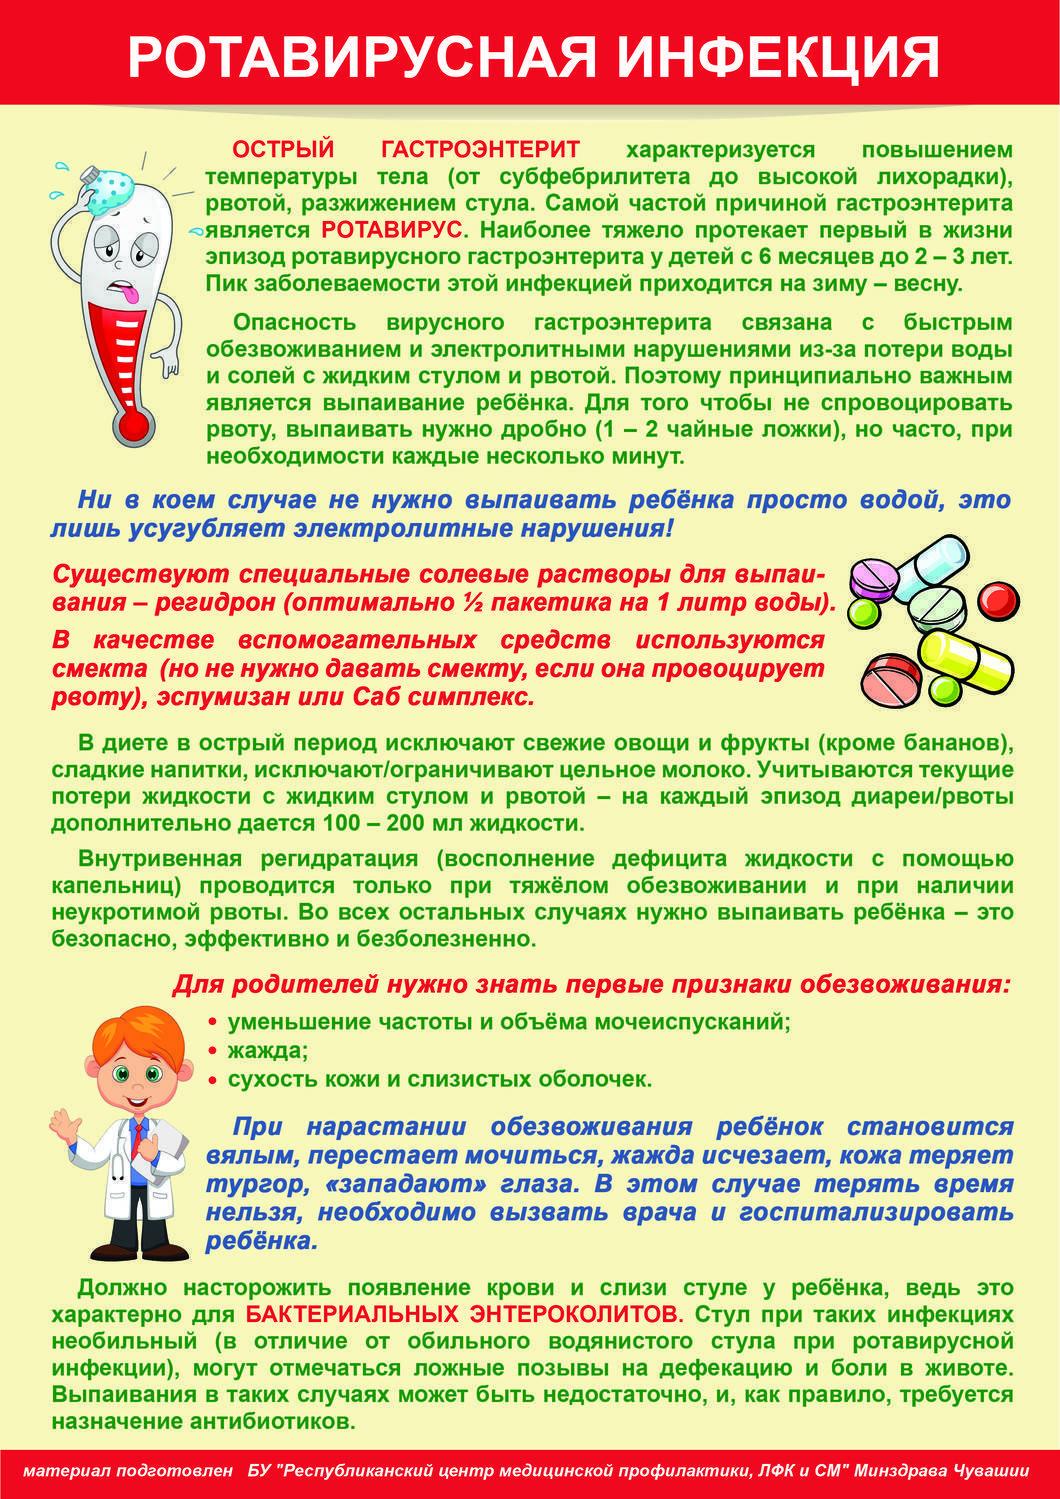 Гастроэнтерит и гастроэнтероколит в острой и хронической формах